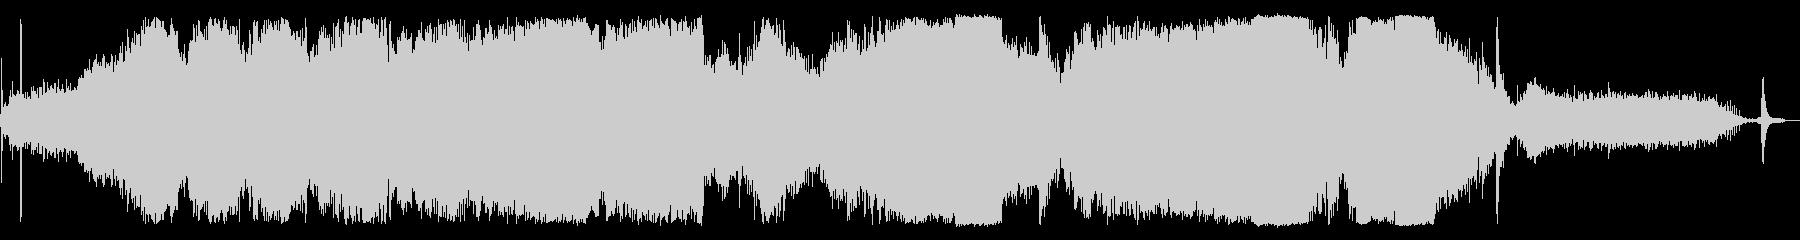 18ウィーラートランスポートトラッ...の未再生の波形